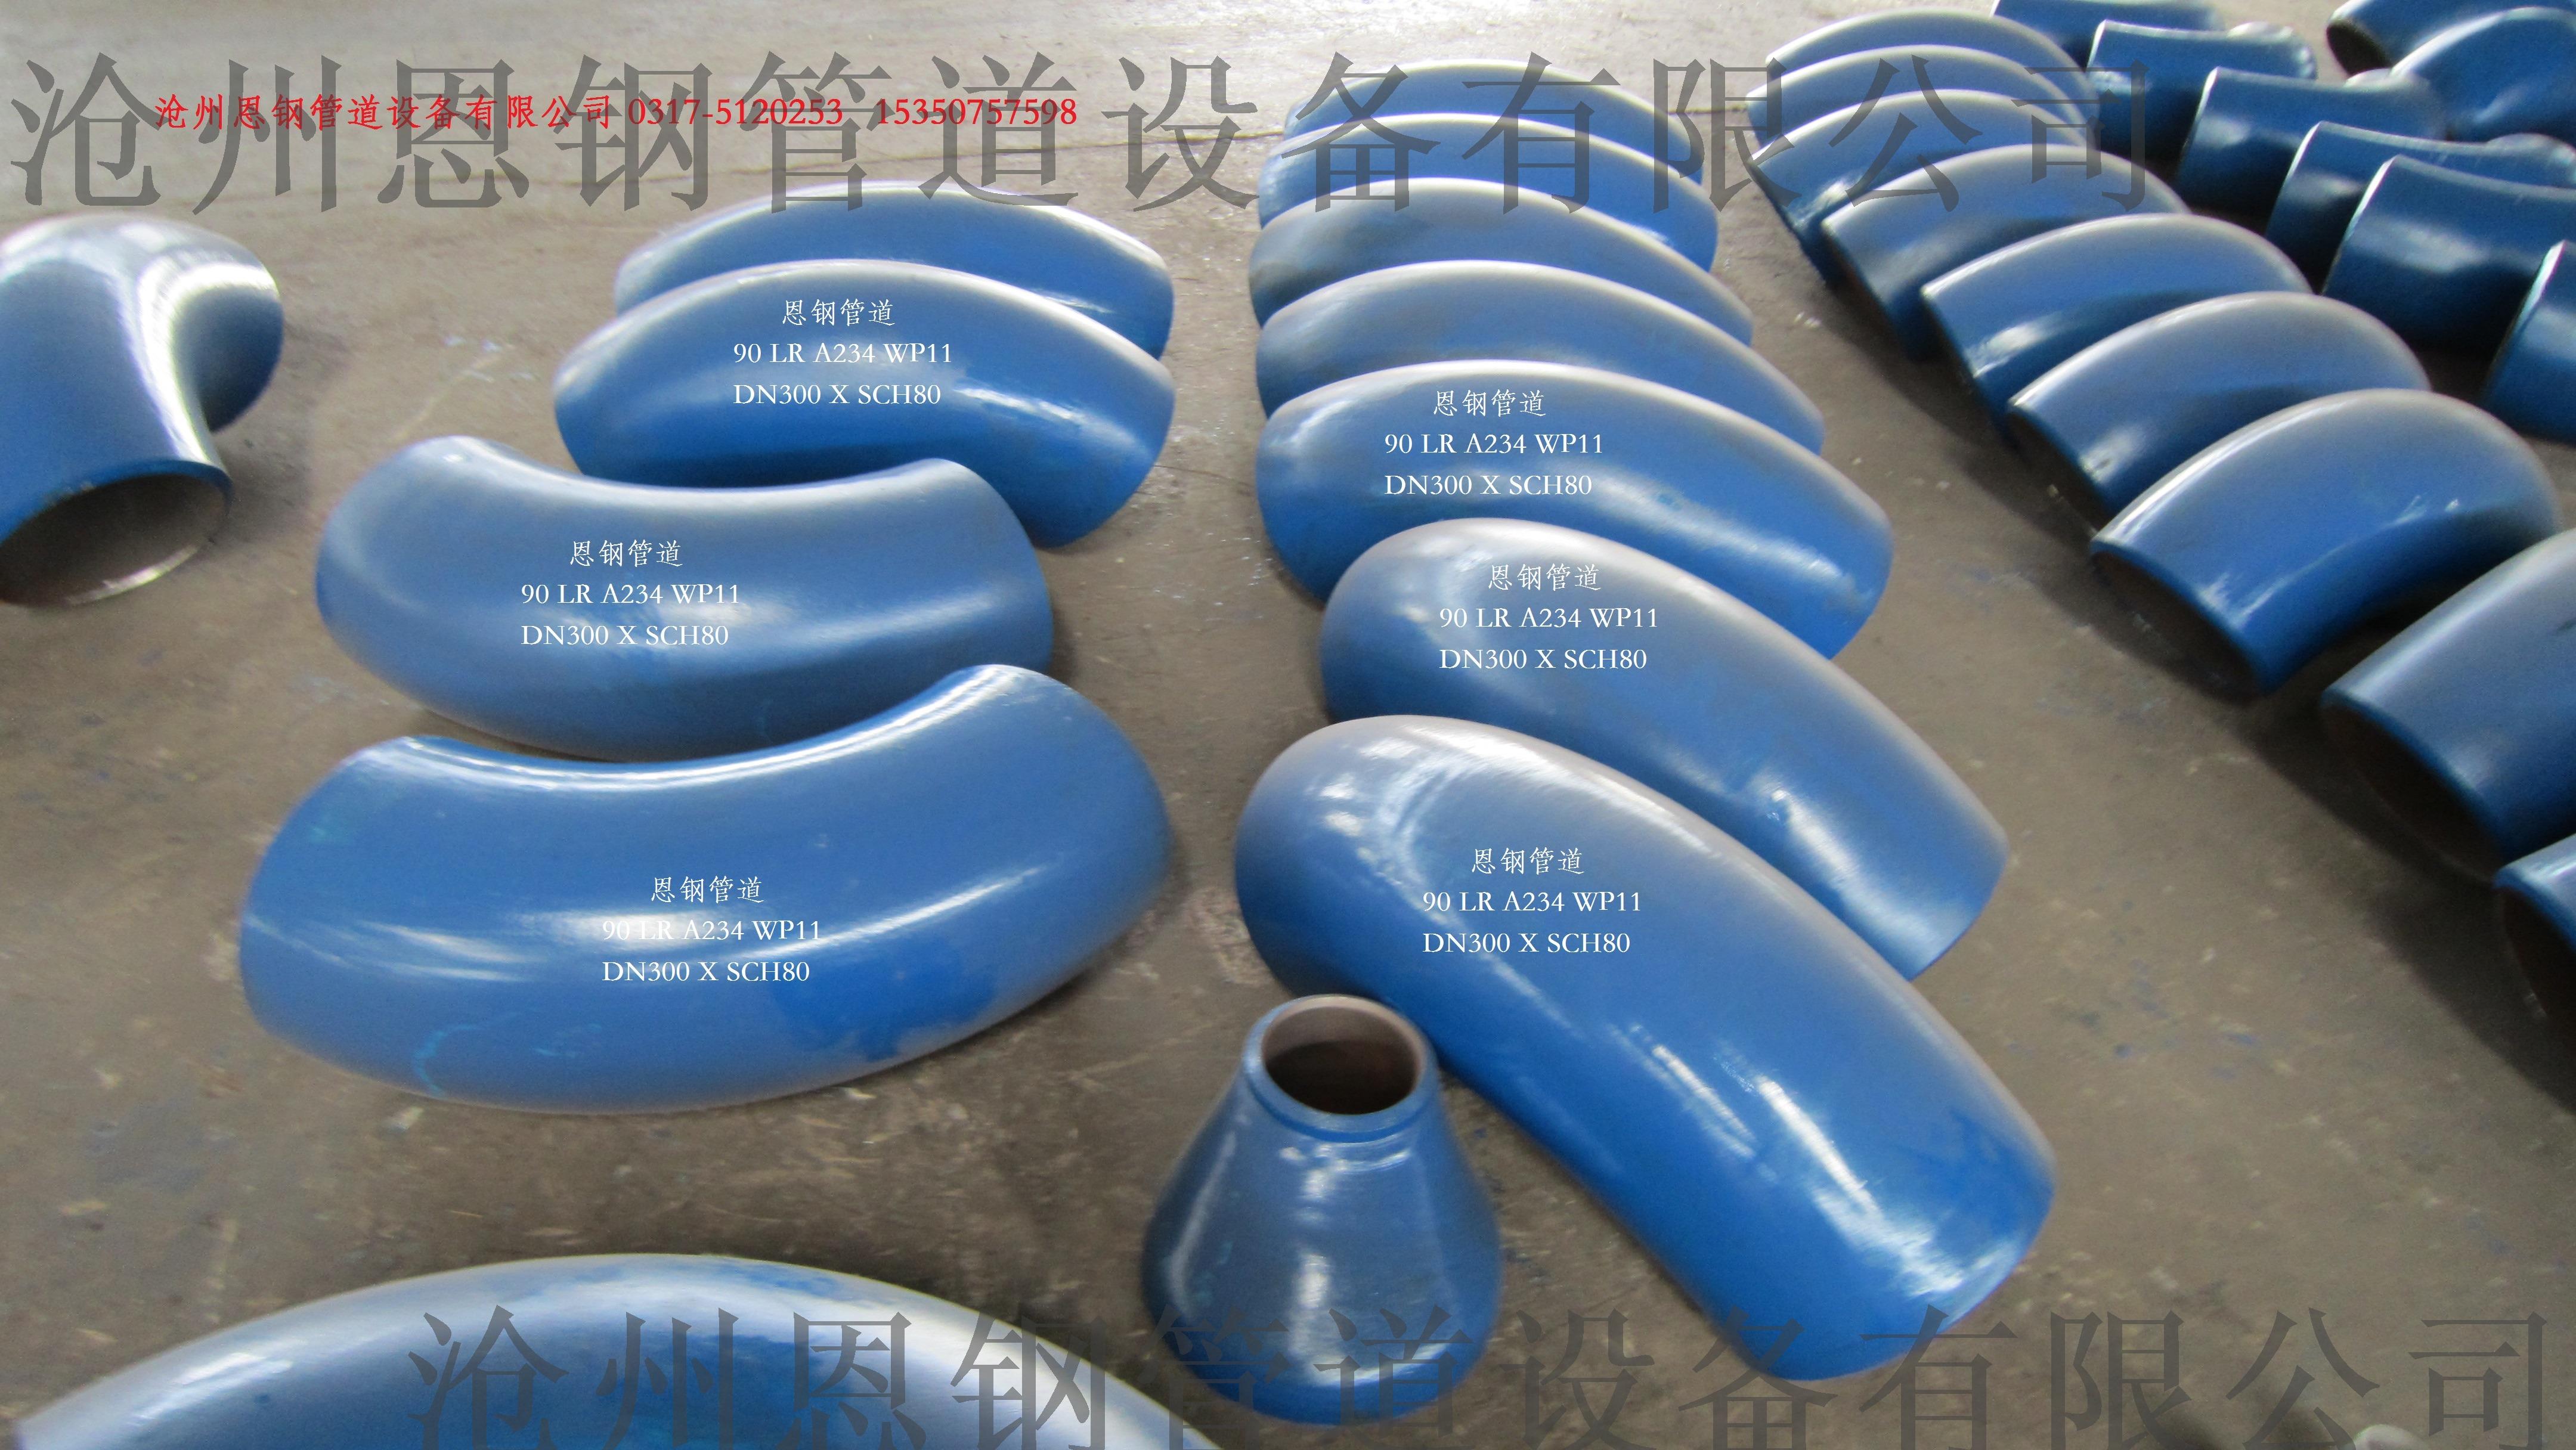 沧州恩钢管道设备有限公司93249465